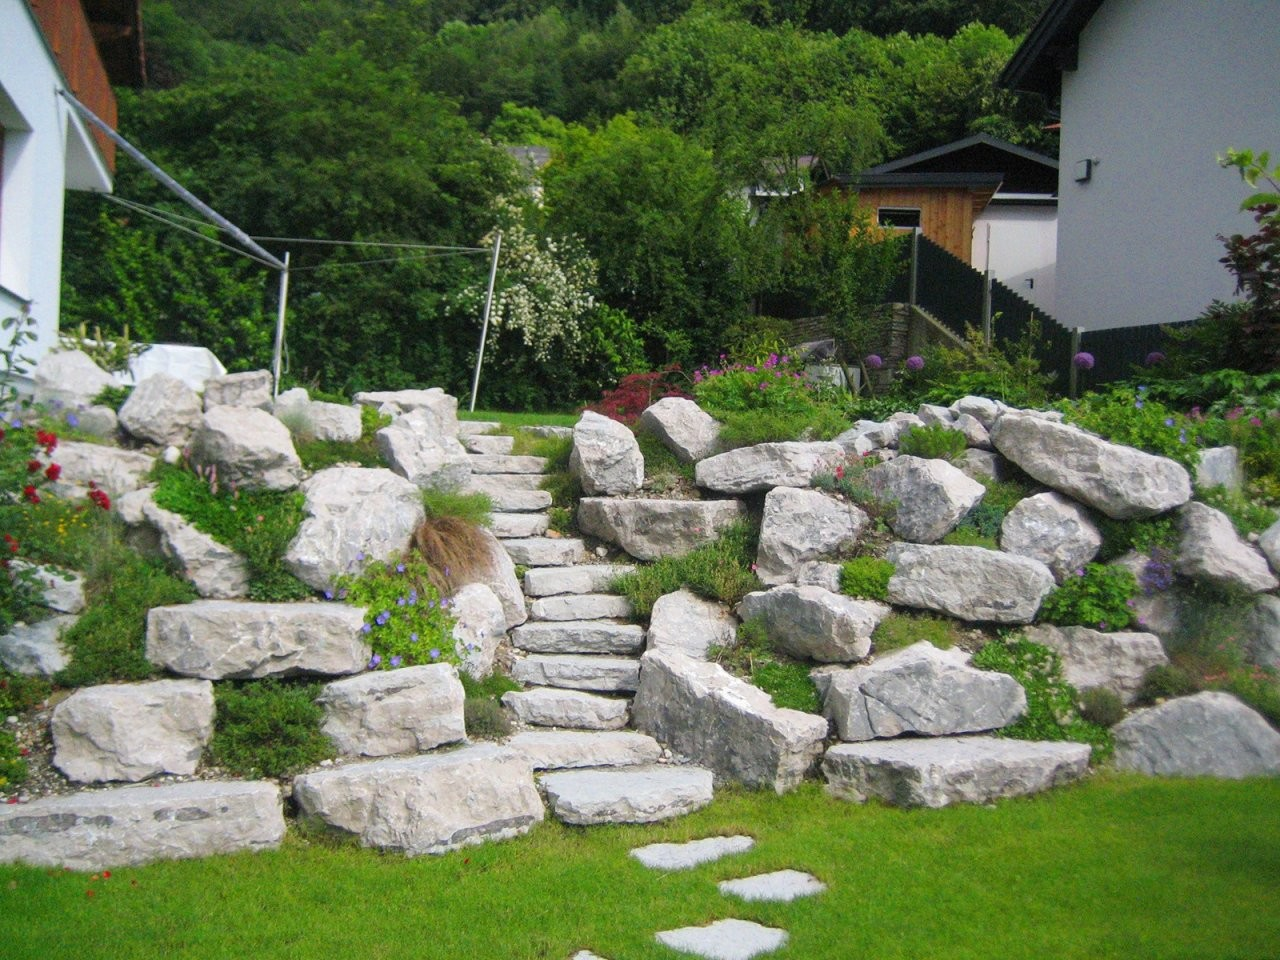 51 Tolle Für Hang Gestalten Mit Steinen Diy von Gartengestaltung Mit Steinen Am Hang Bild